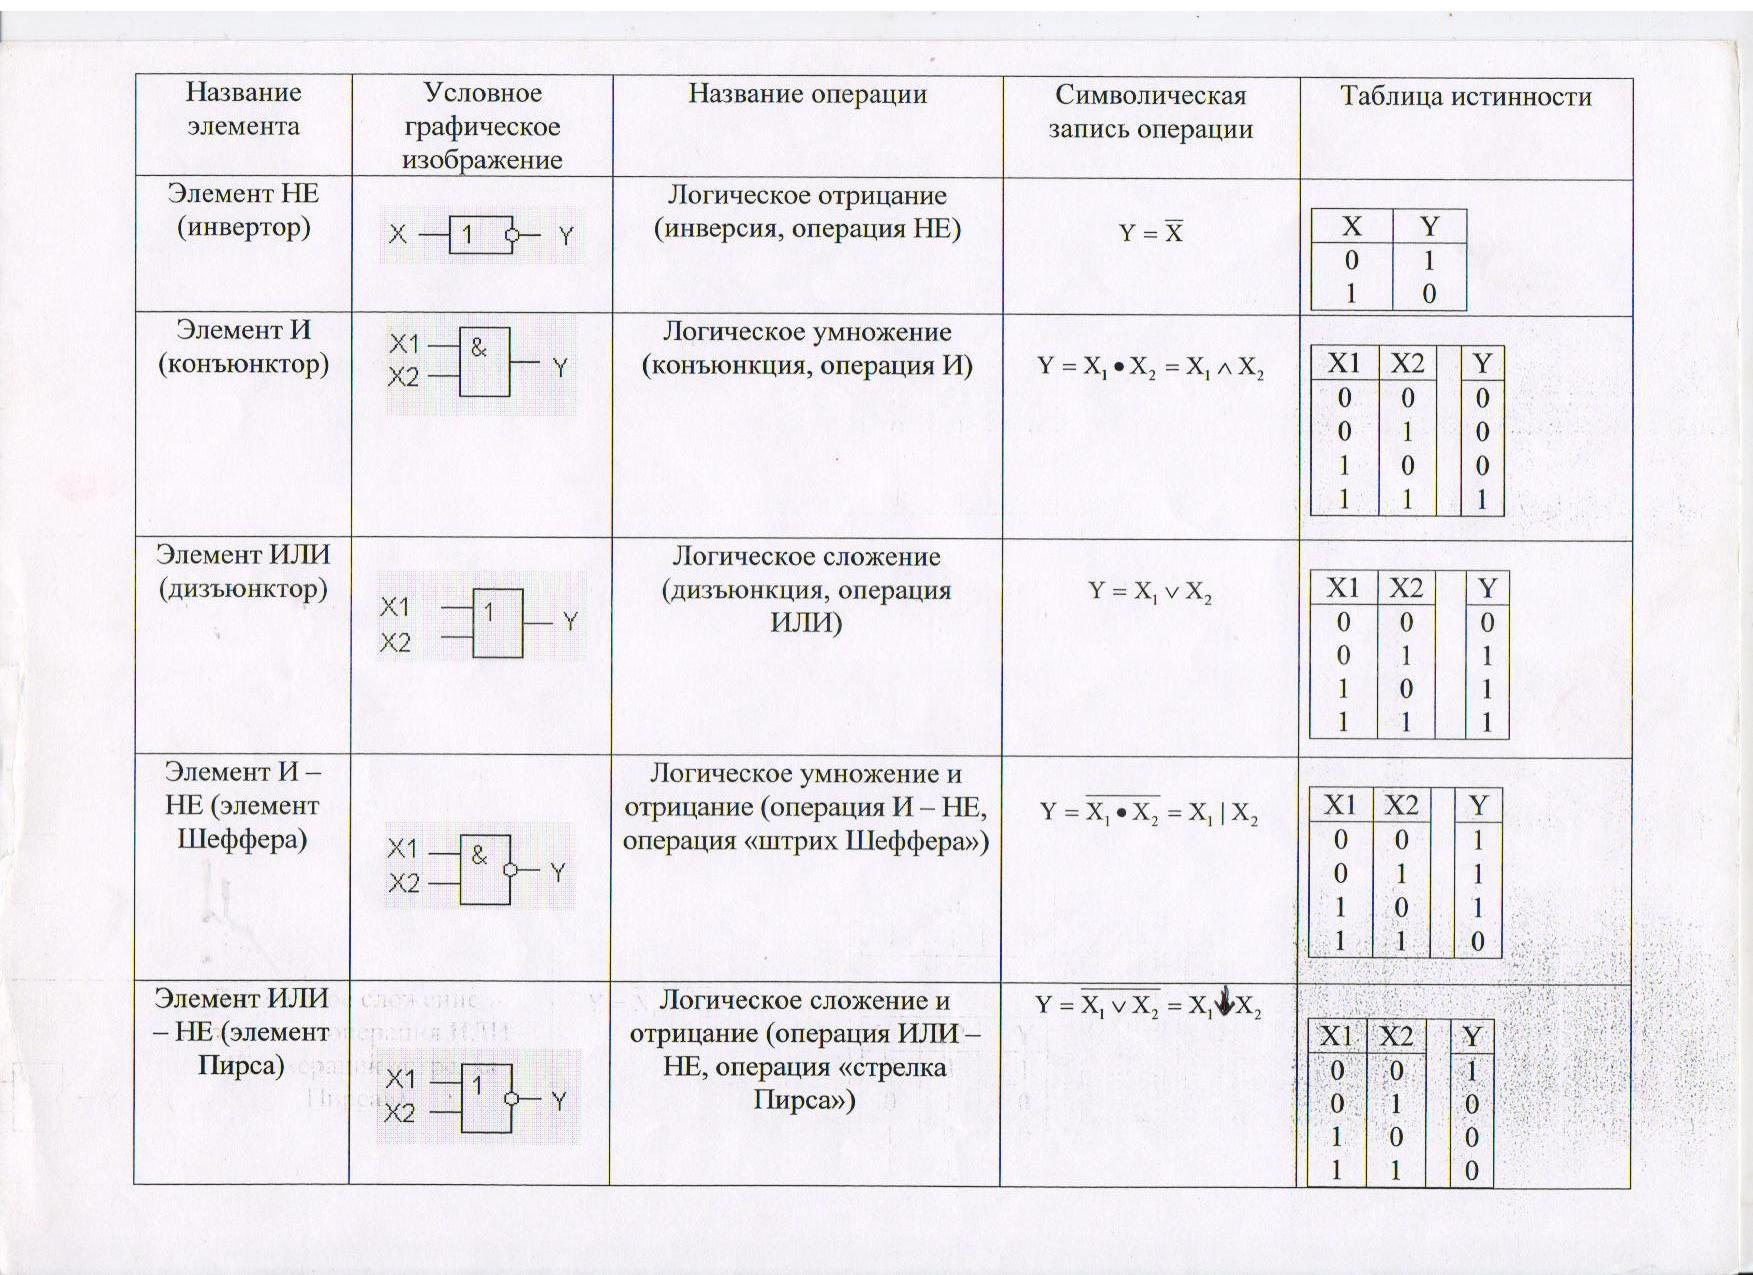 C:\Users\compaq-10\Desktop\лекция по темеЛогические элементы\таблица.jpg